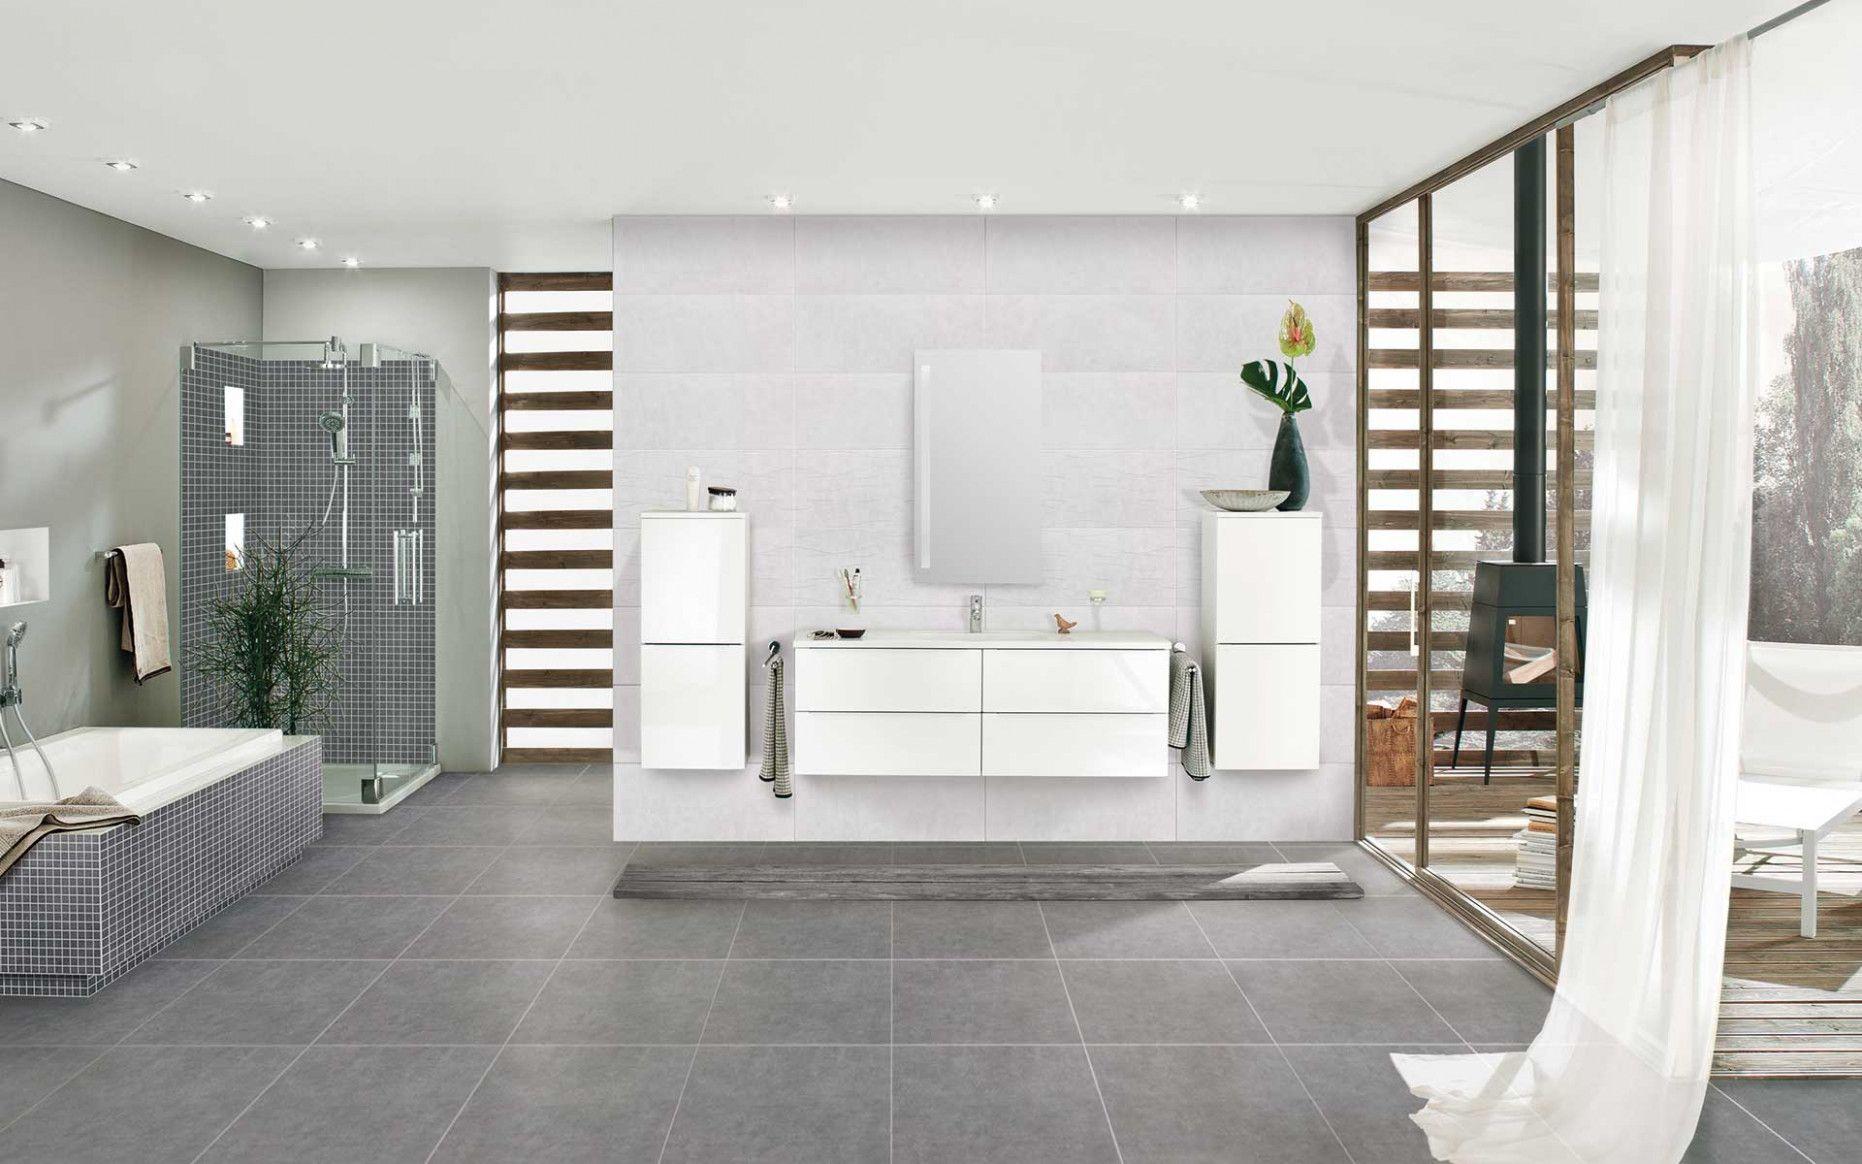 Warum Waren Badezimmer Quadratische Fliesen Bisher So Beliebt Badezimmer Ideen Schlafzimmer Einrichten Tapeten Wohnzimmer Modern Schone Schlafzimmer